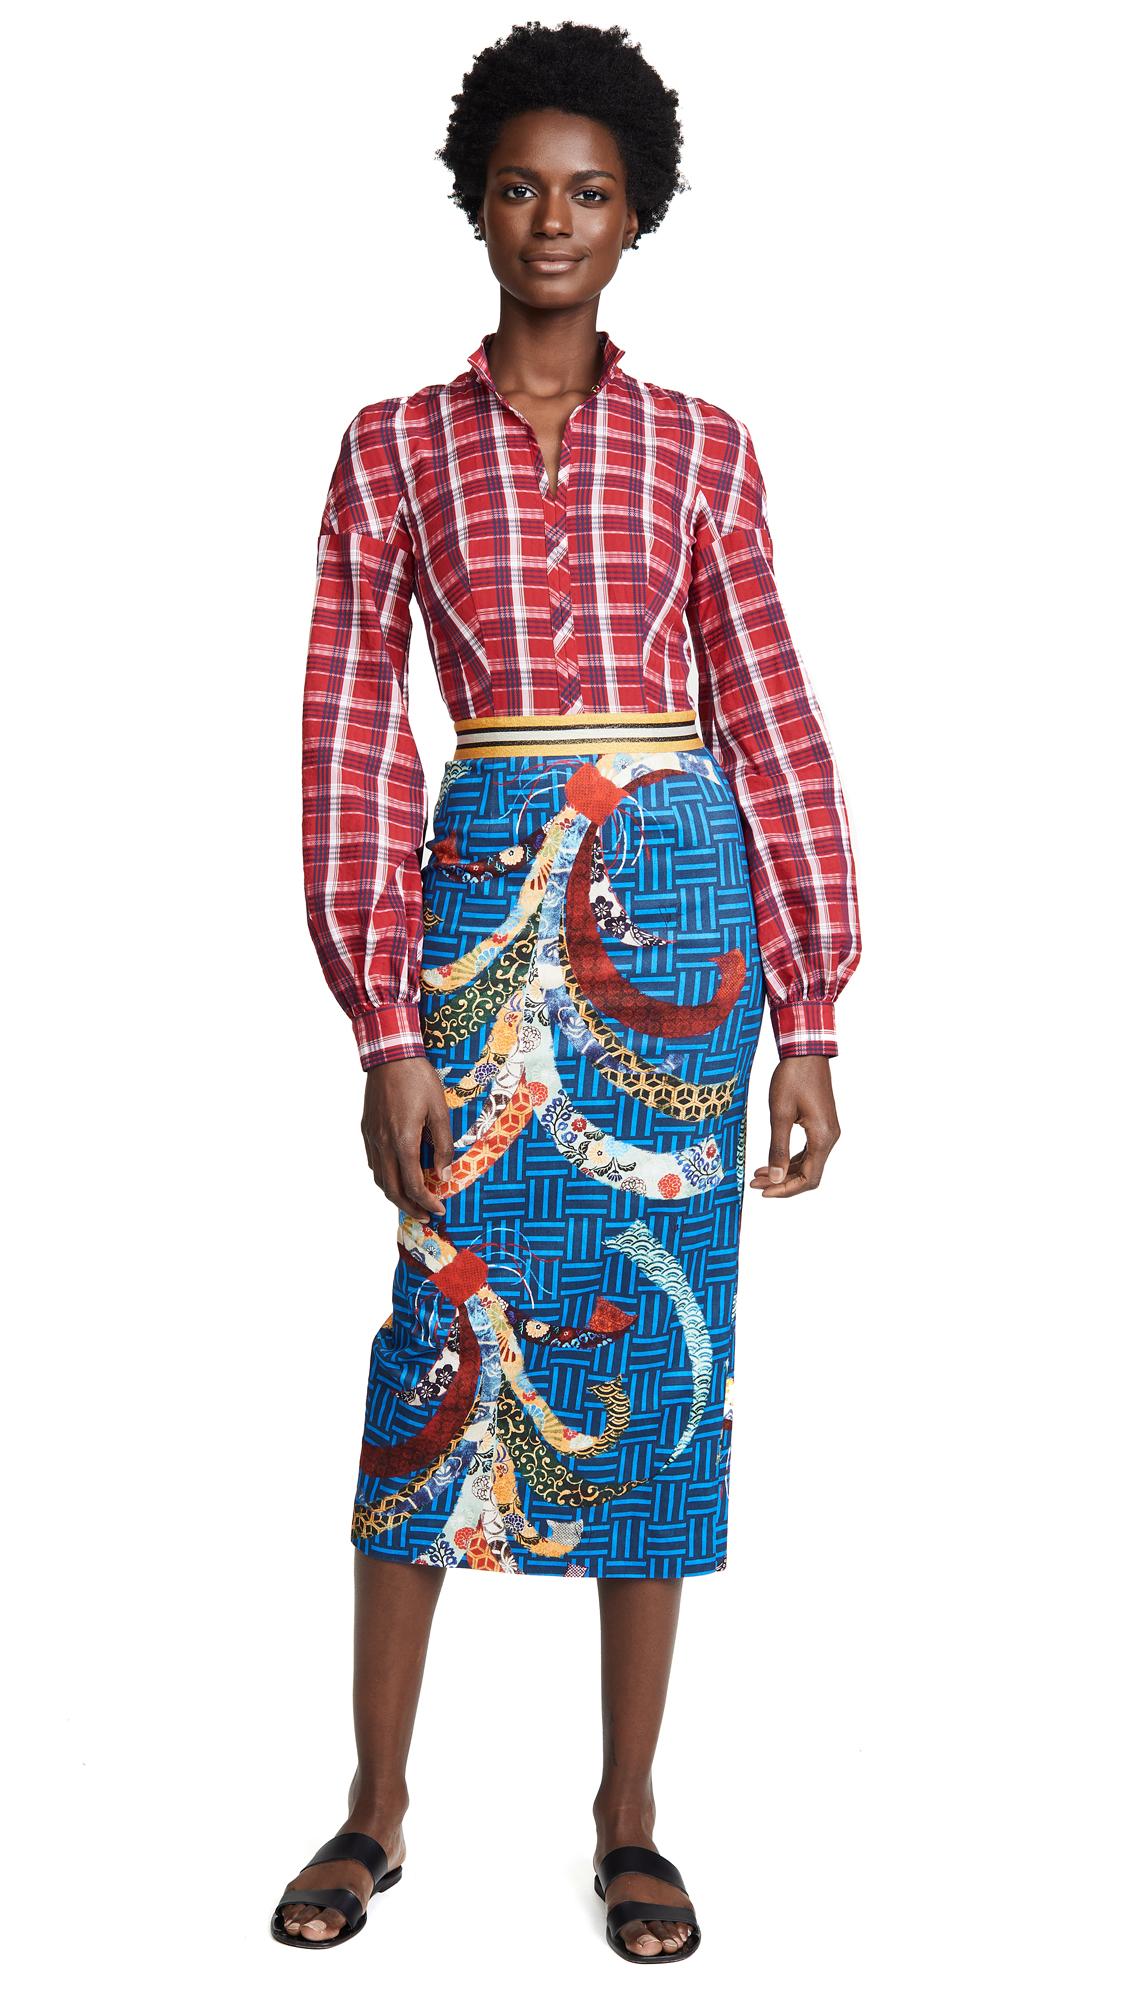 COMBO PLAID DRESS